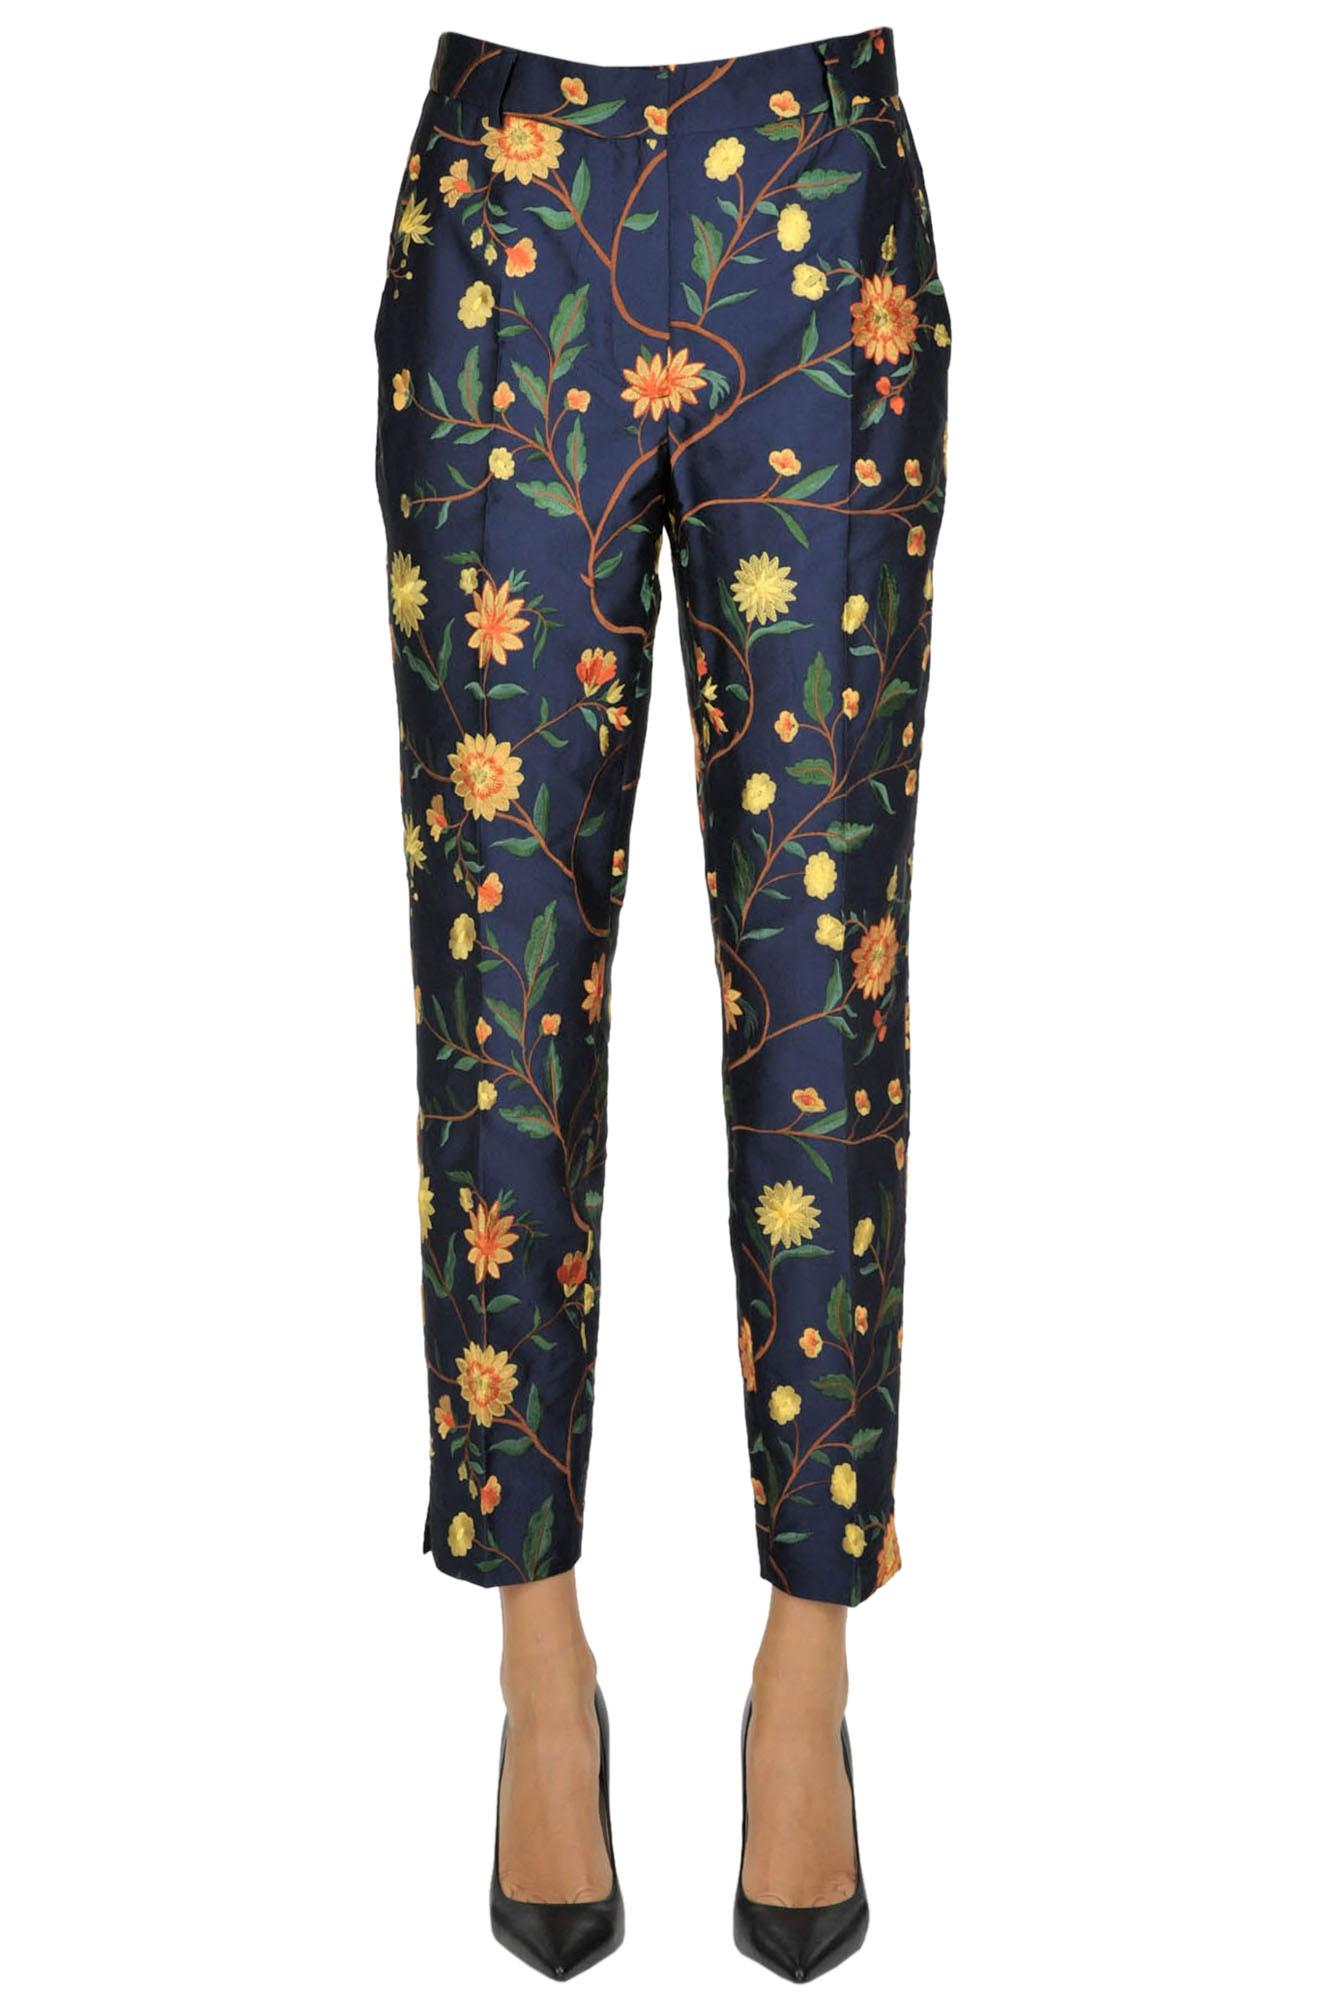 Image of Pantaloni in tessuto jacquard